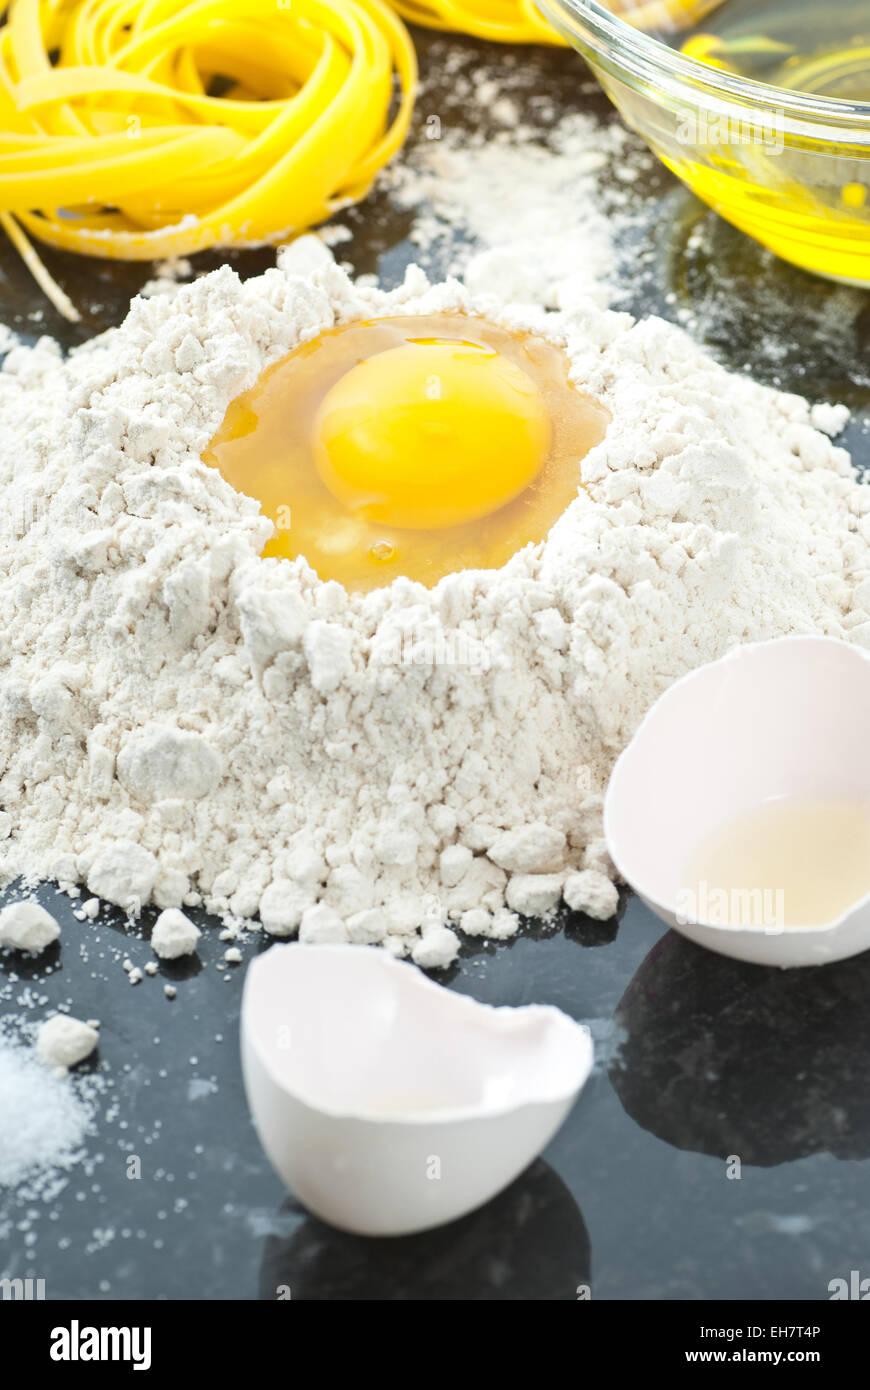 Ingrédients pour les pâtes faites maison. Photo Stock